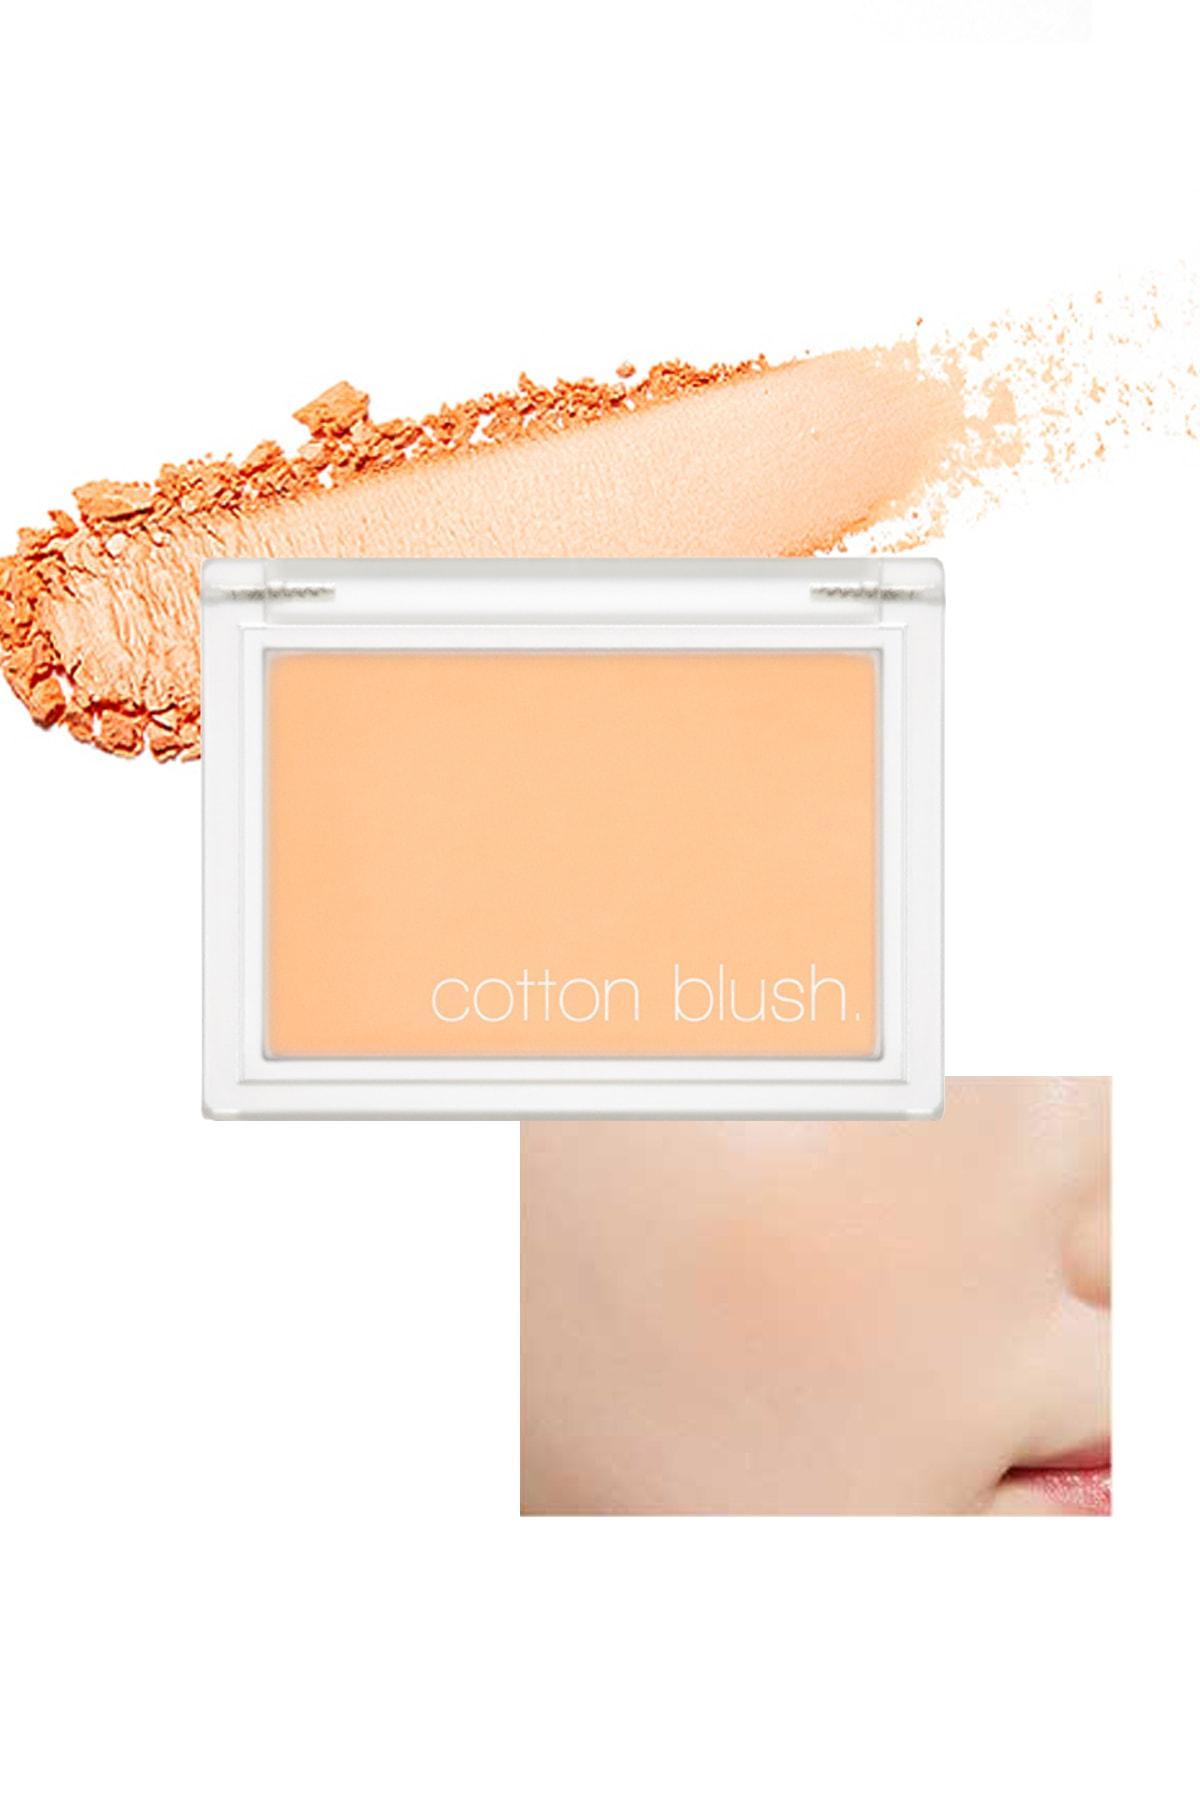 Missha Yumuşak Dokulu Kolay Sürülebilen Allık Cotton Blusher (Mandarine Ade) 0